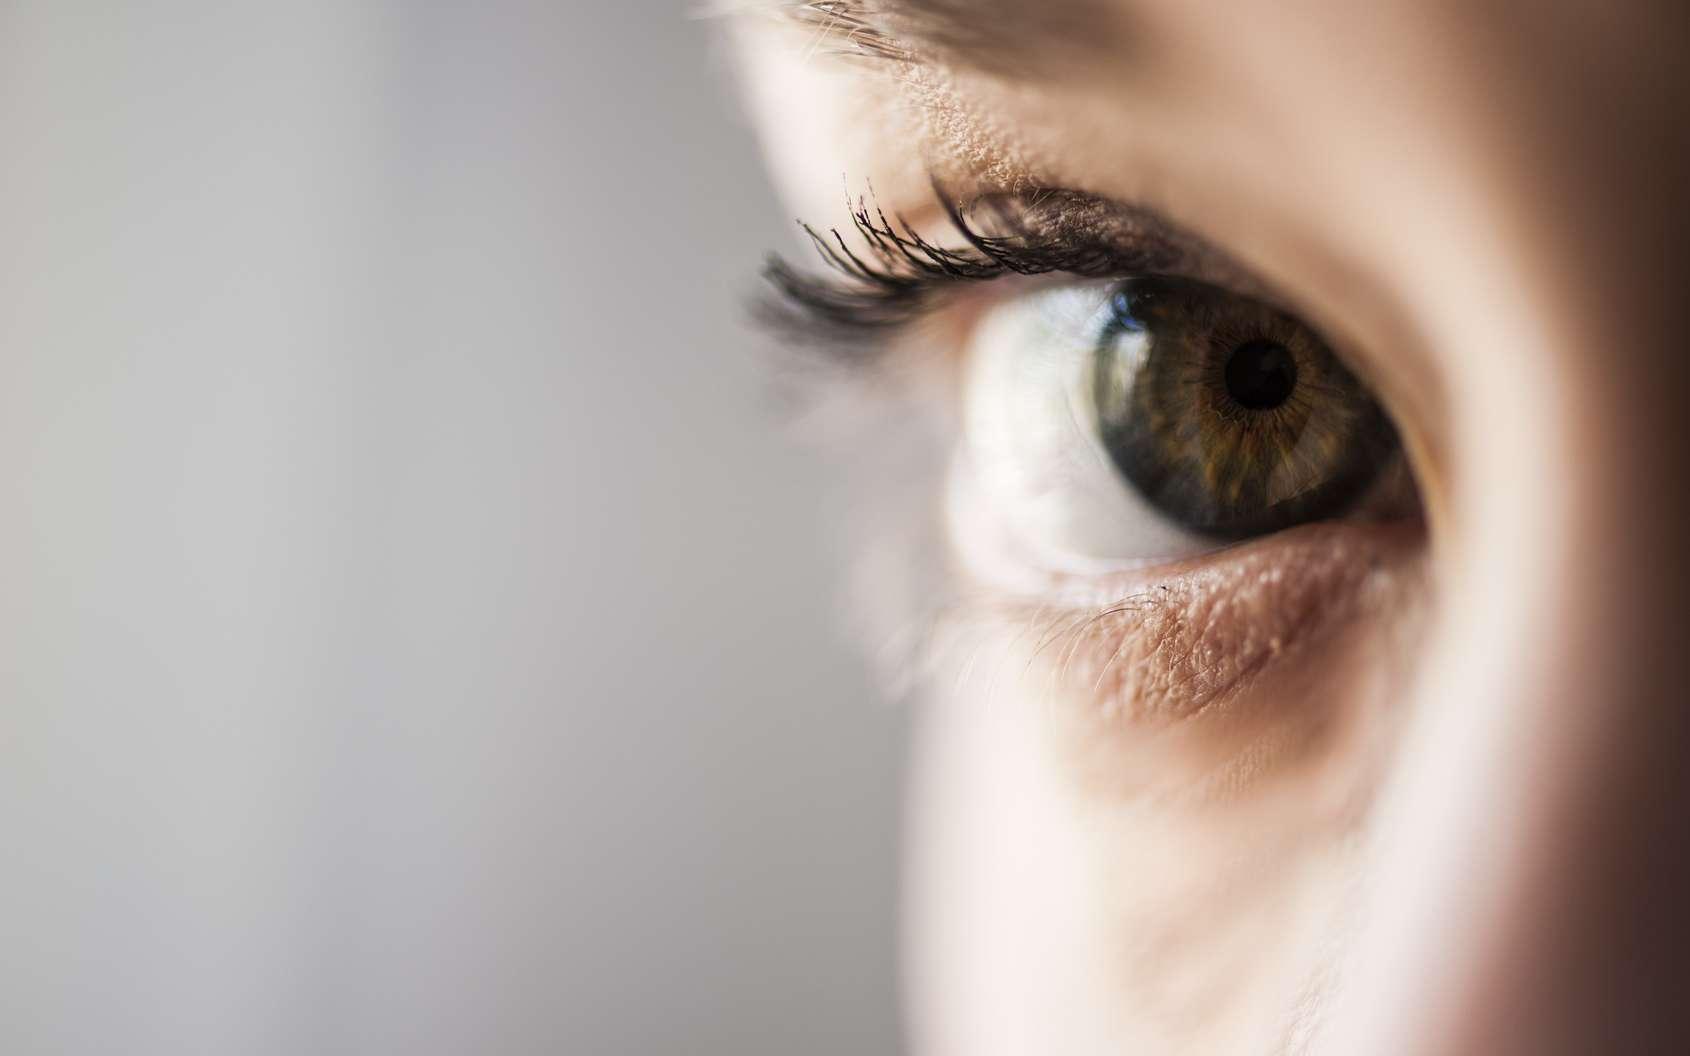 Dans le futur, les robots et les ordinateurs pourraient apprendre à mieux nous connaître en analysant notre regard. © Pixelaway, Fotolia